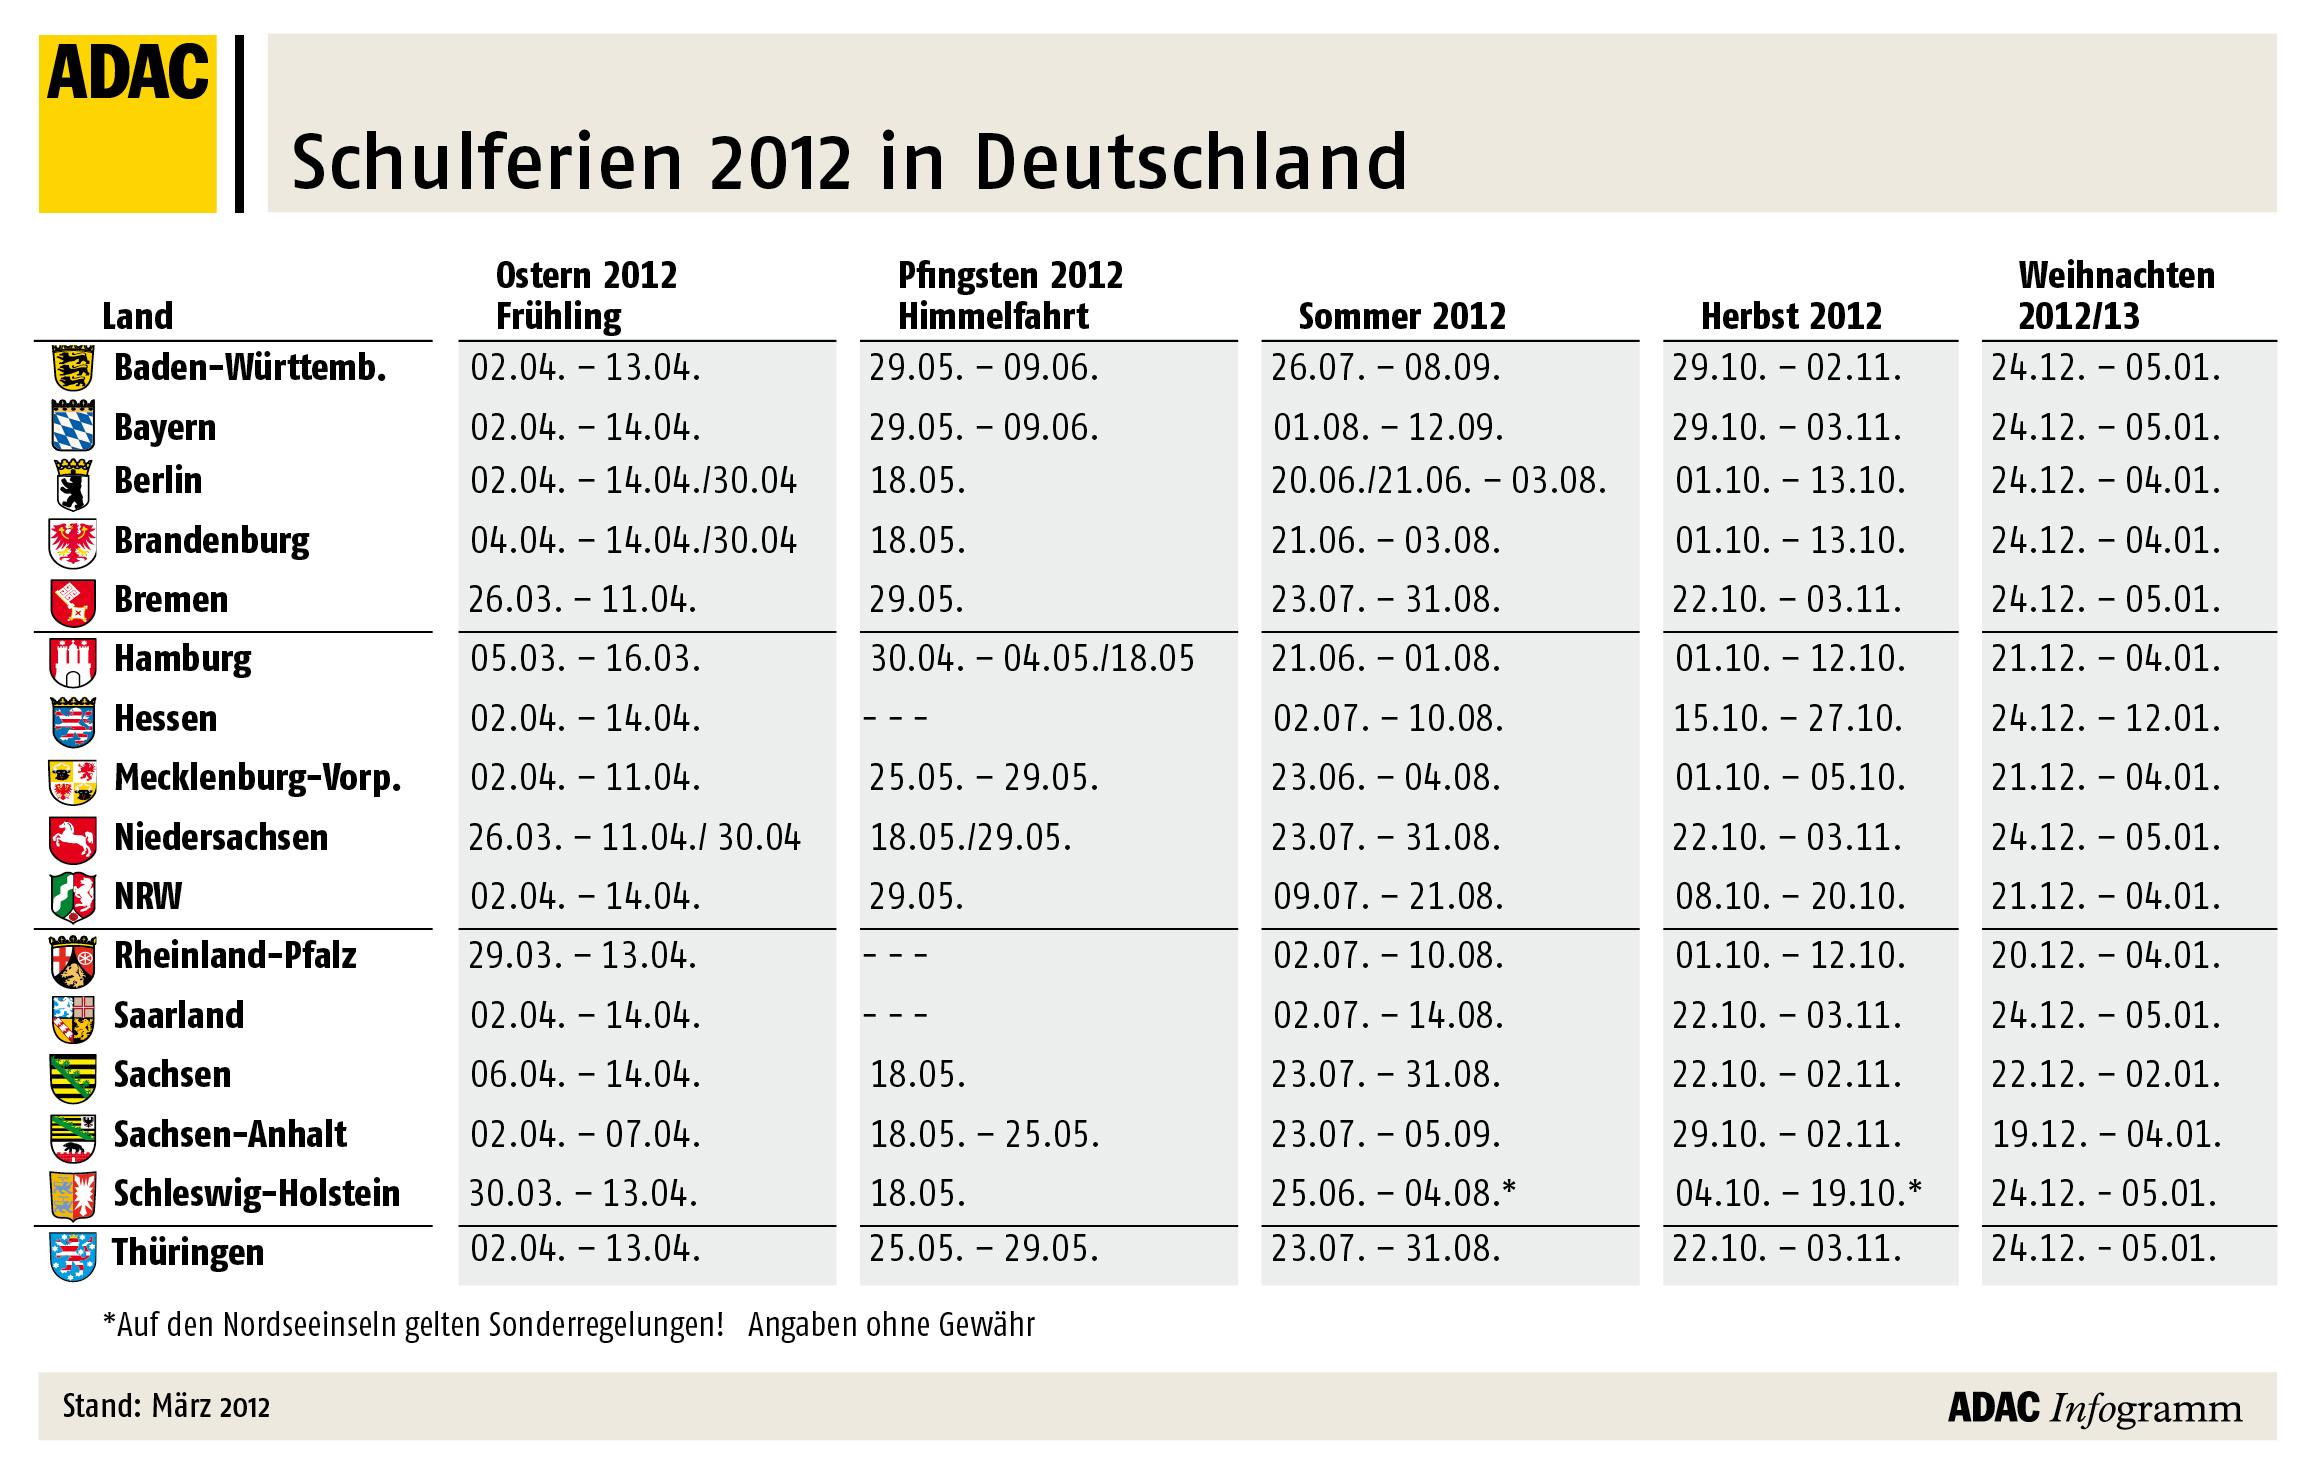 Schulferien in Deutschland 2012